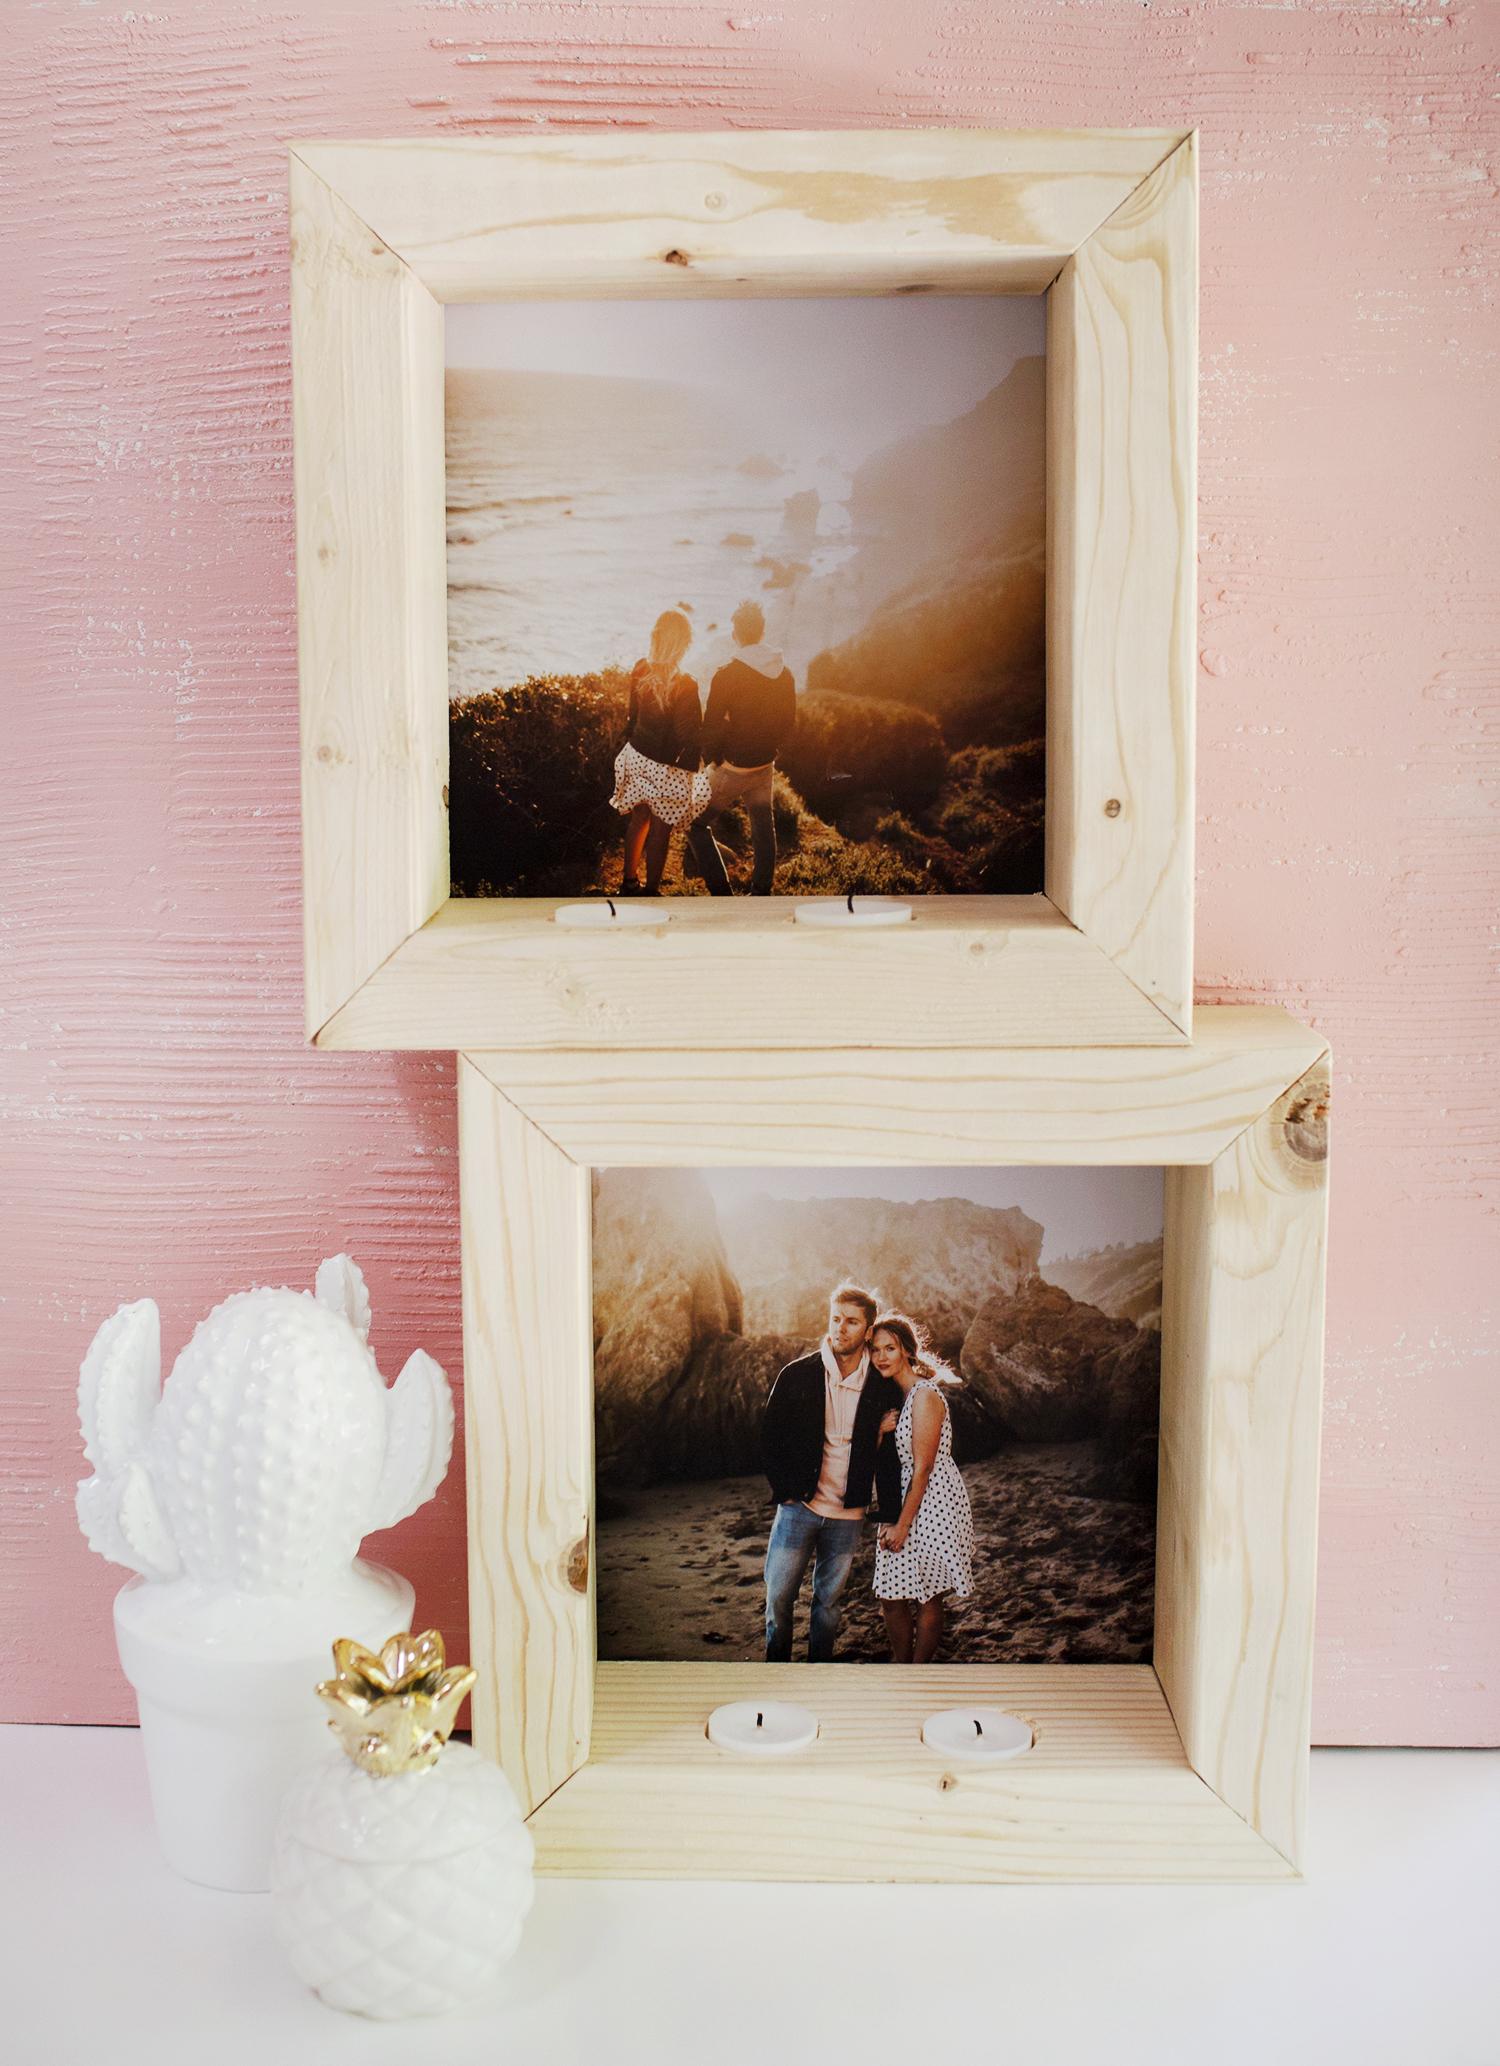 01-DIY-marcos-fotos